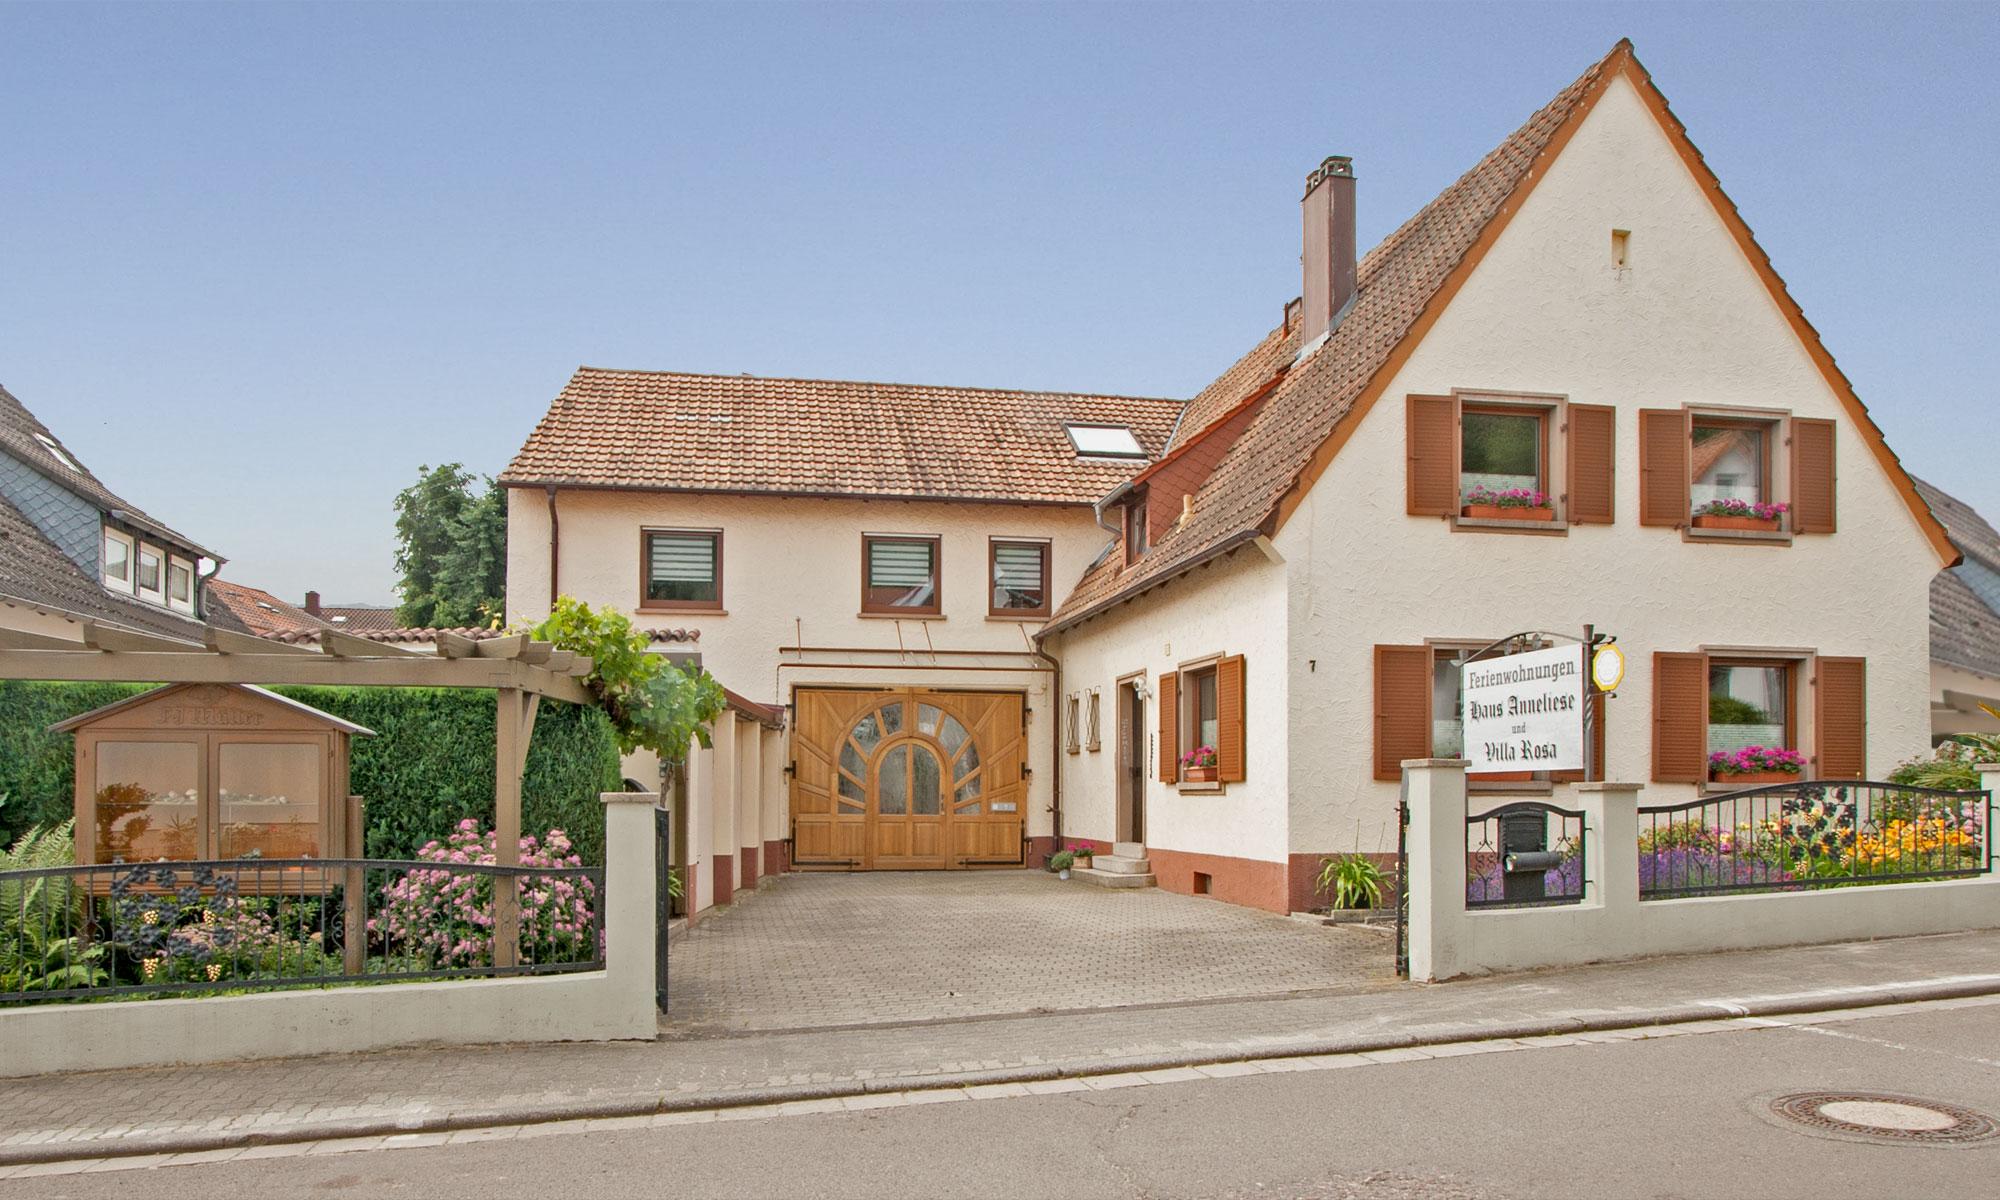 Ferienwohnungen Anneliese und Villa Rosa